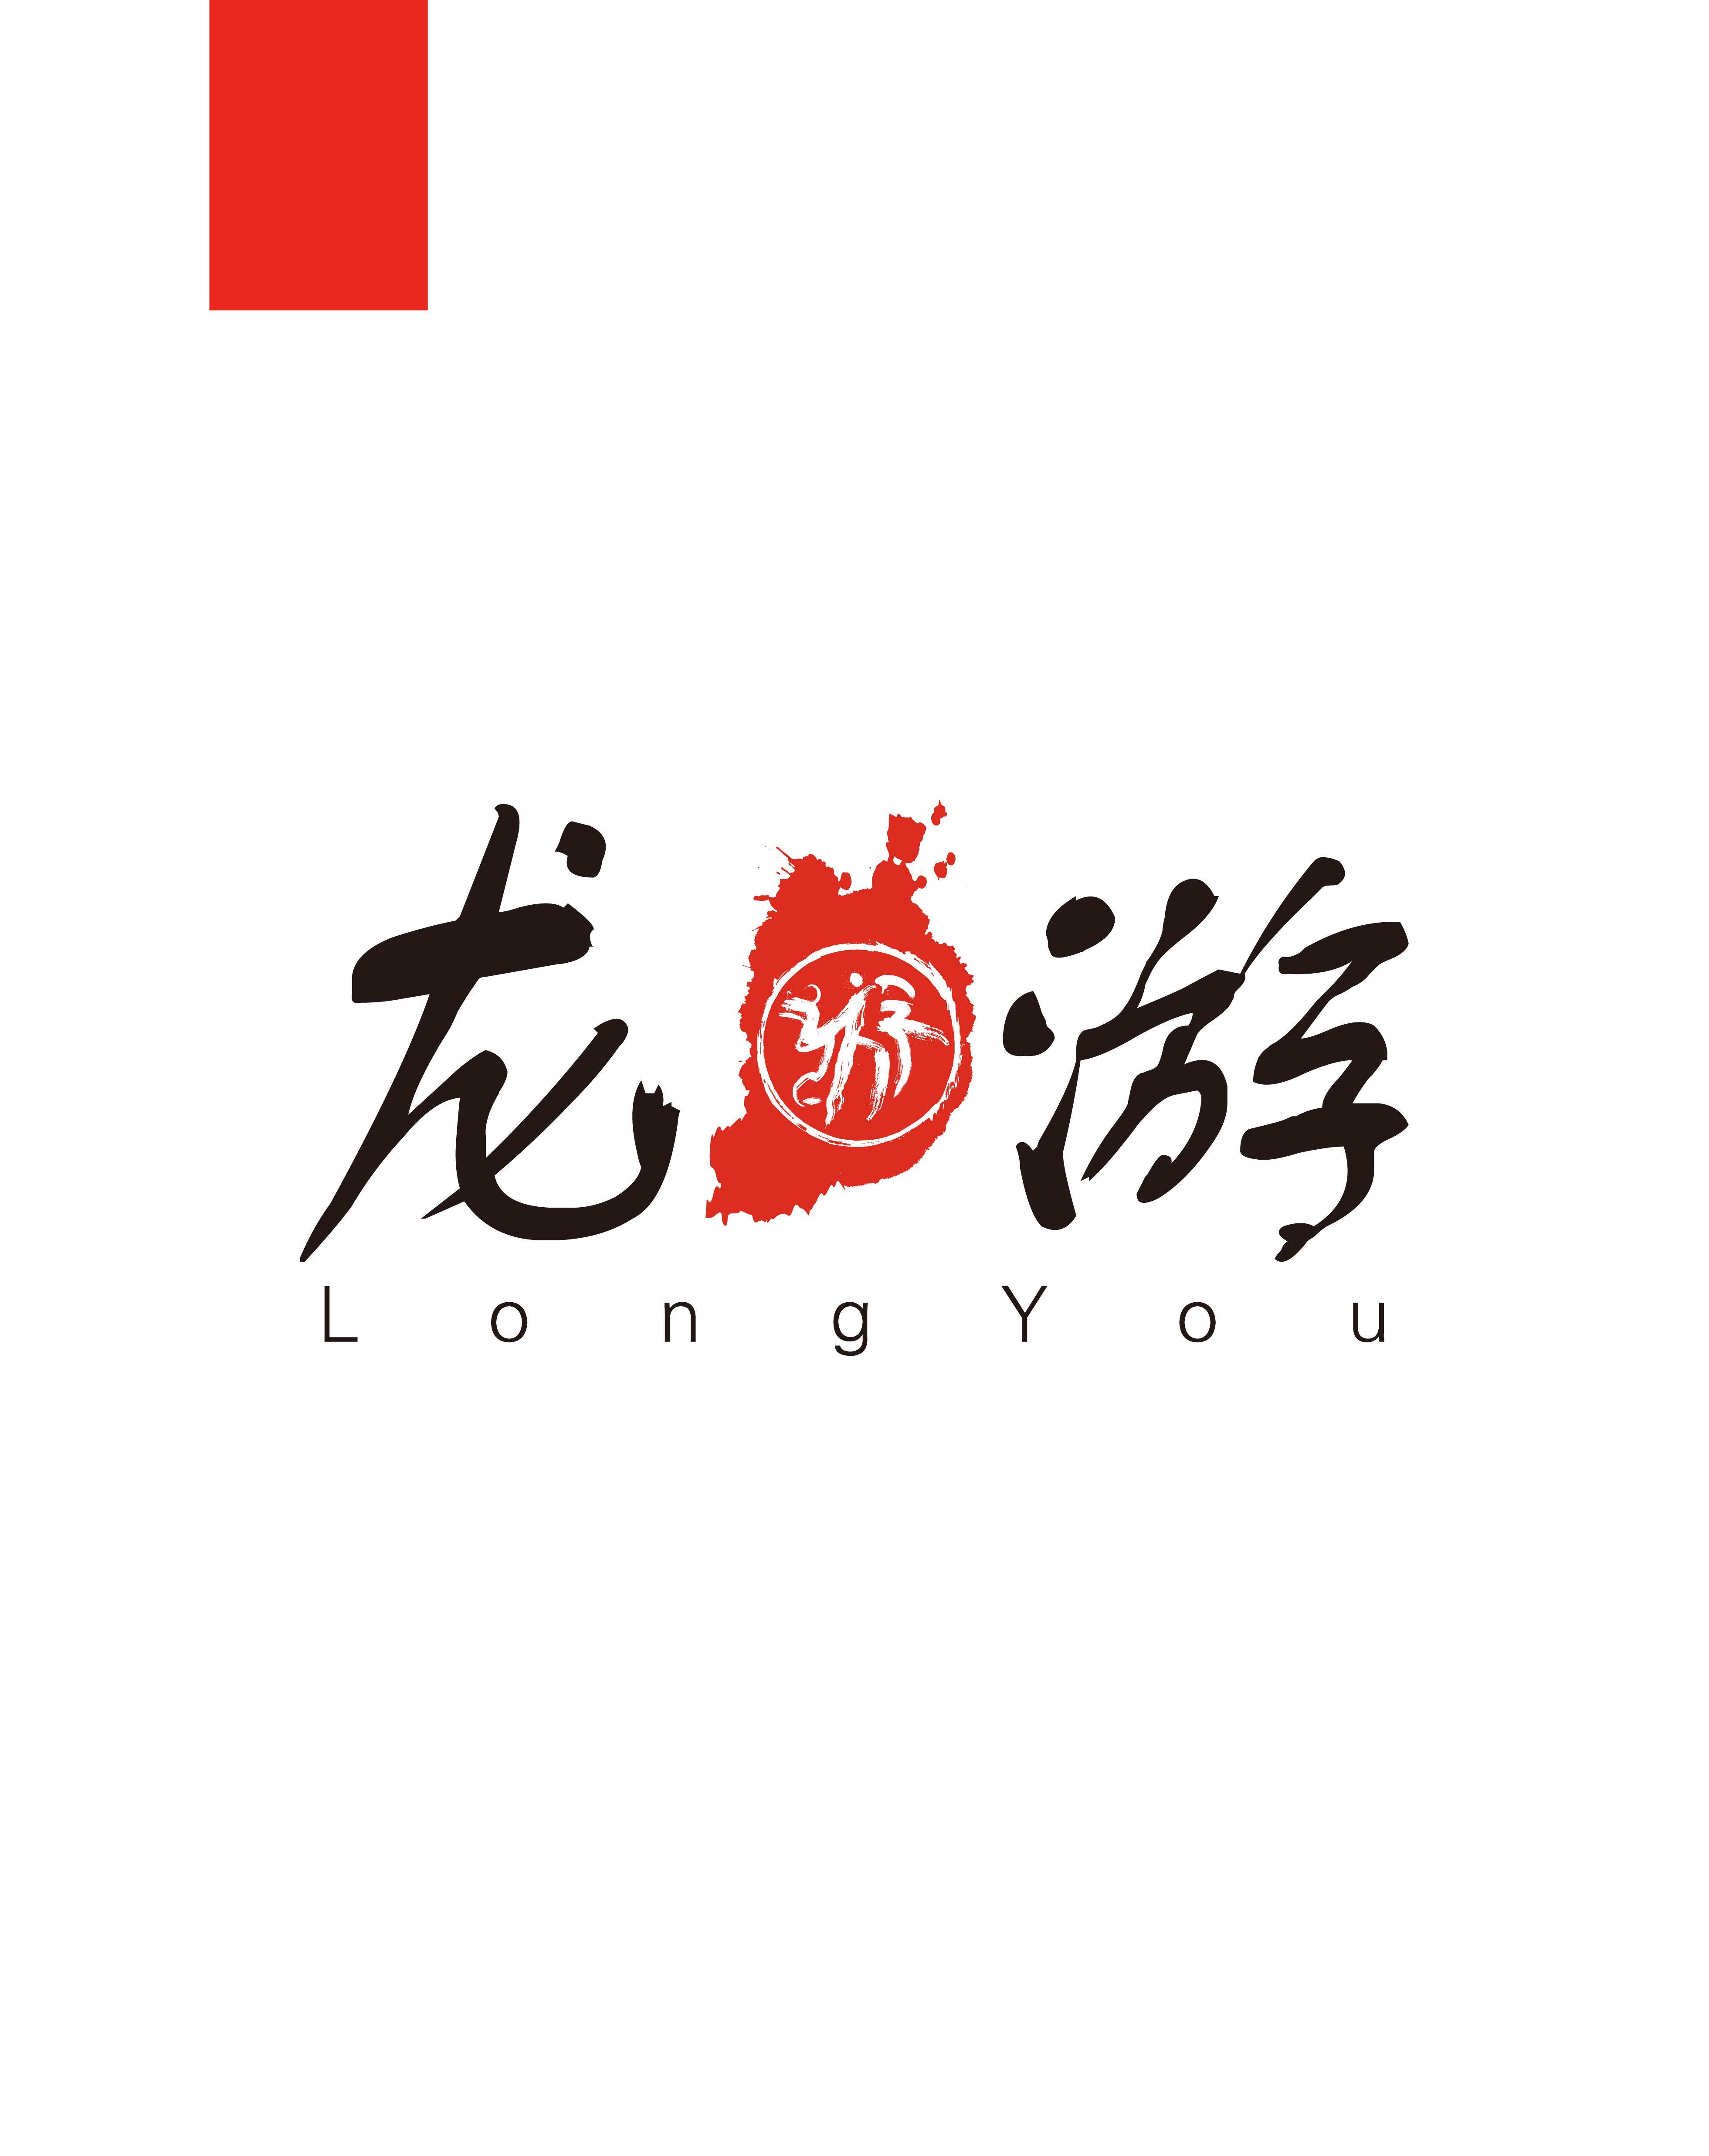 龙游旅游形象logo设计图片